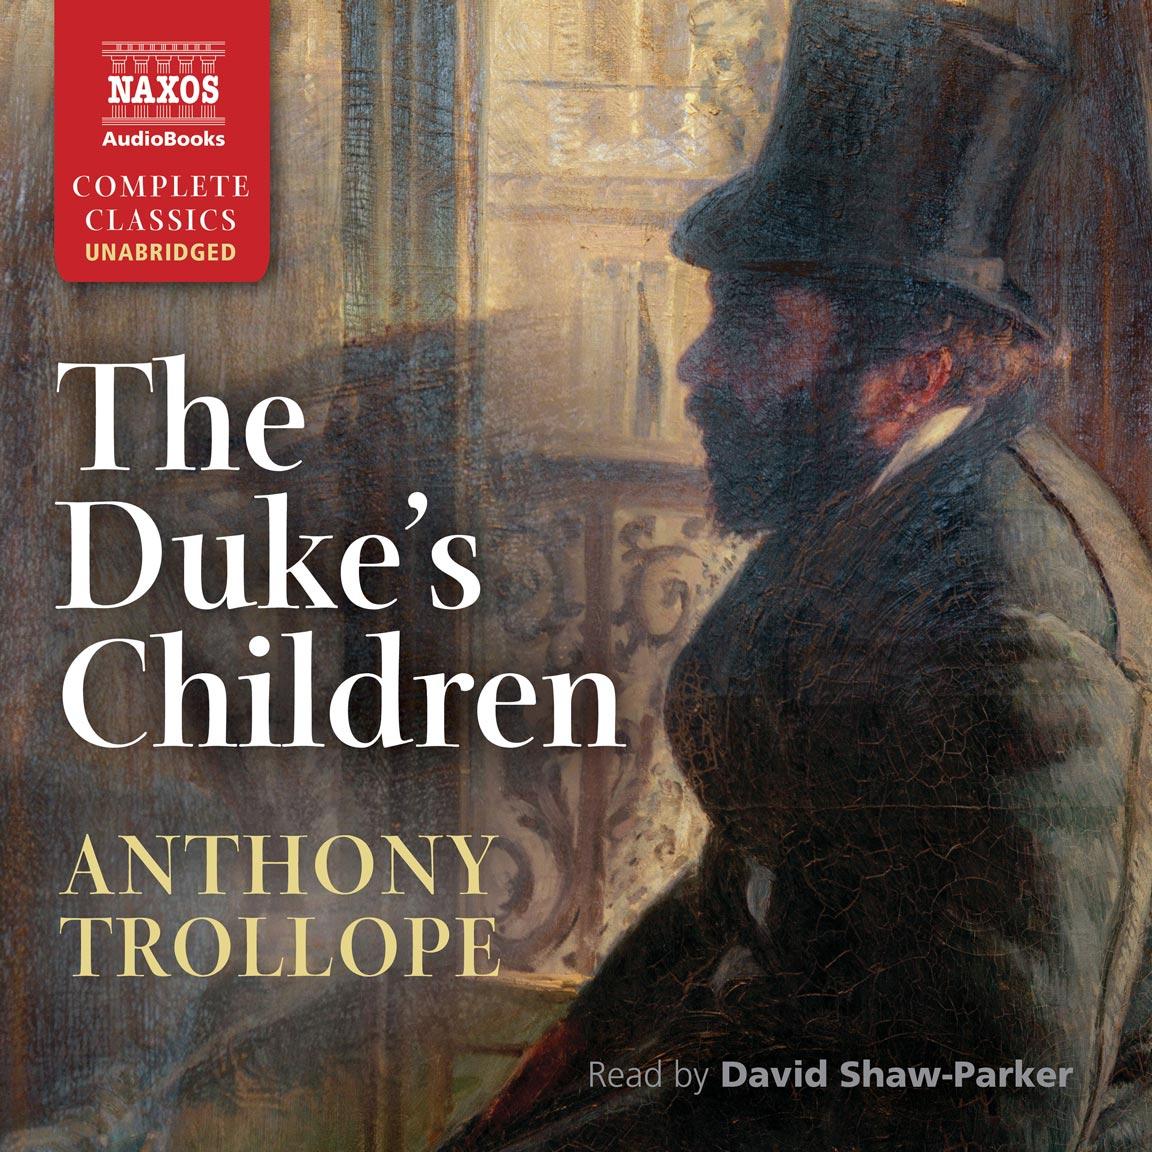 The Duke's Children (unabridged)